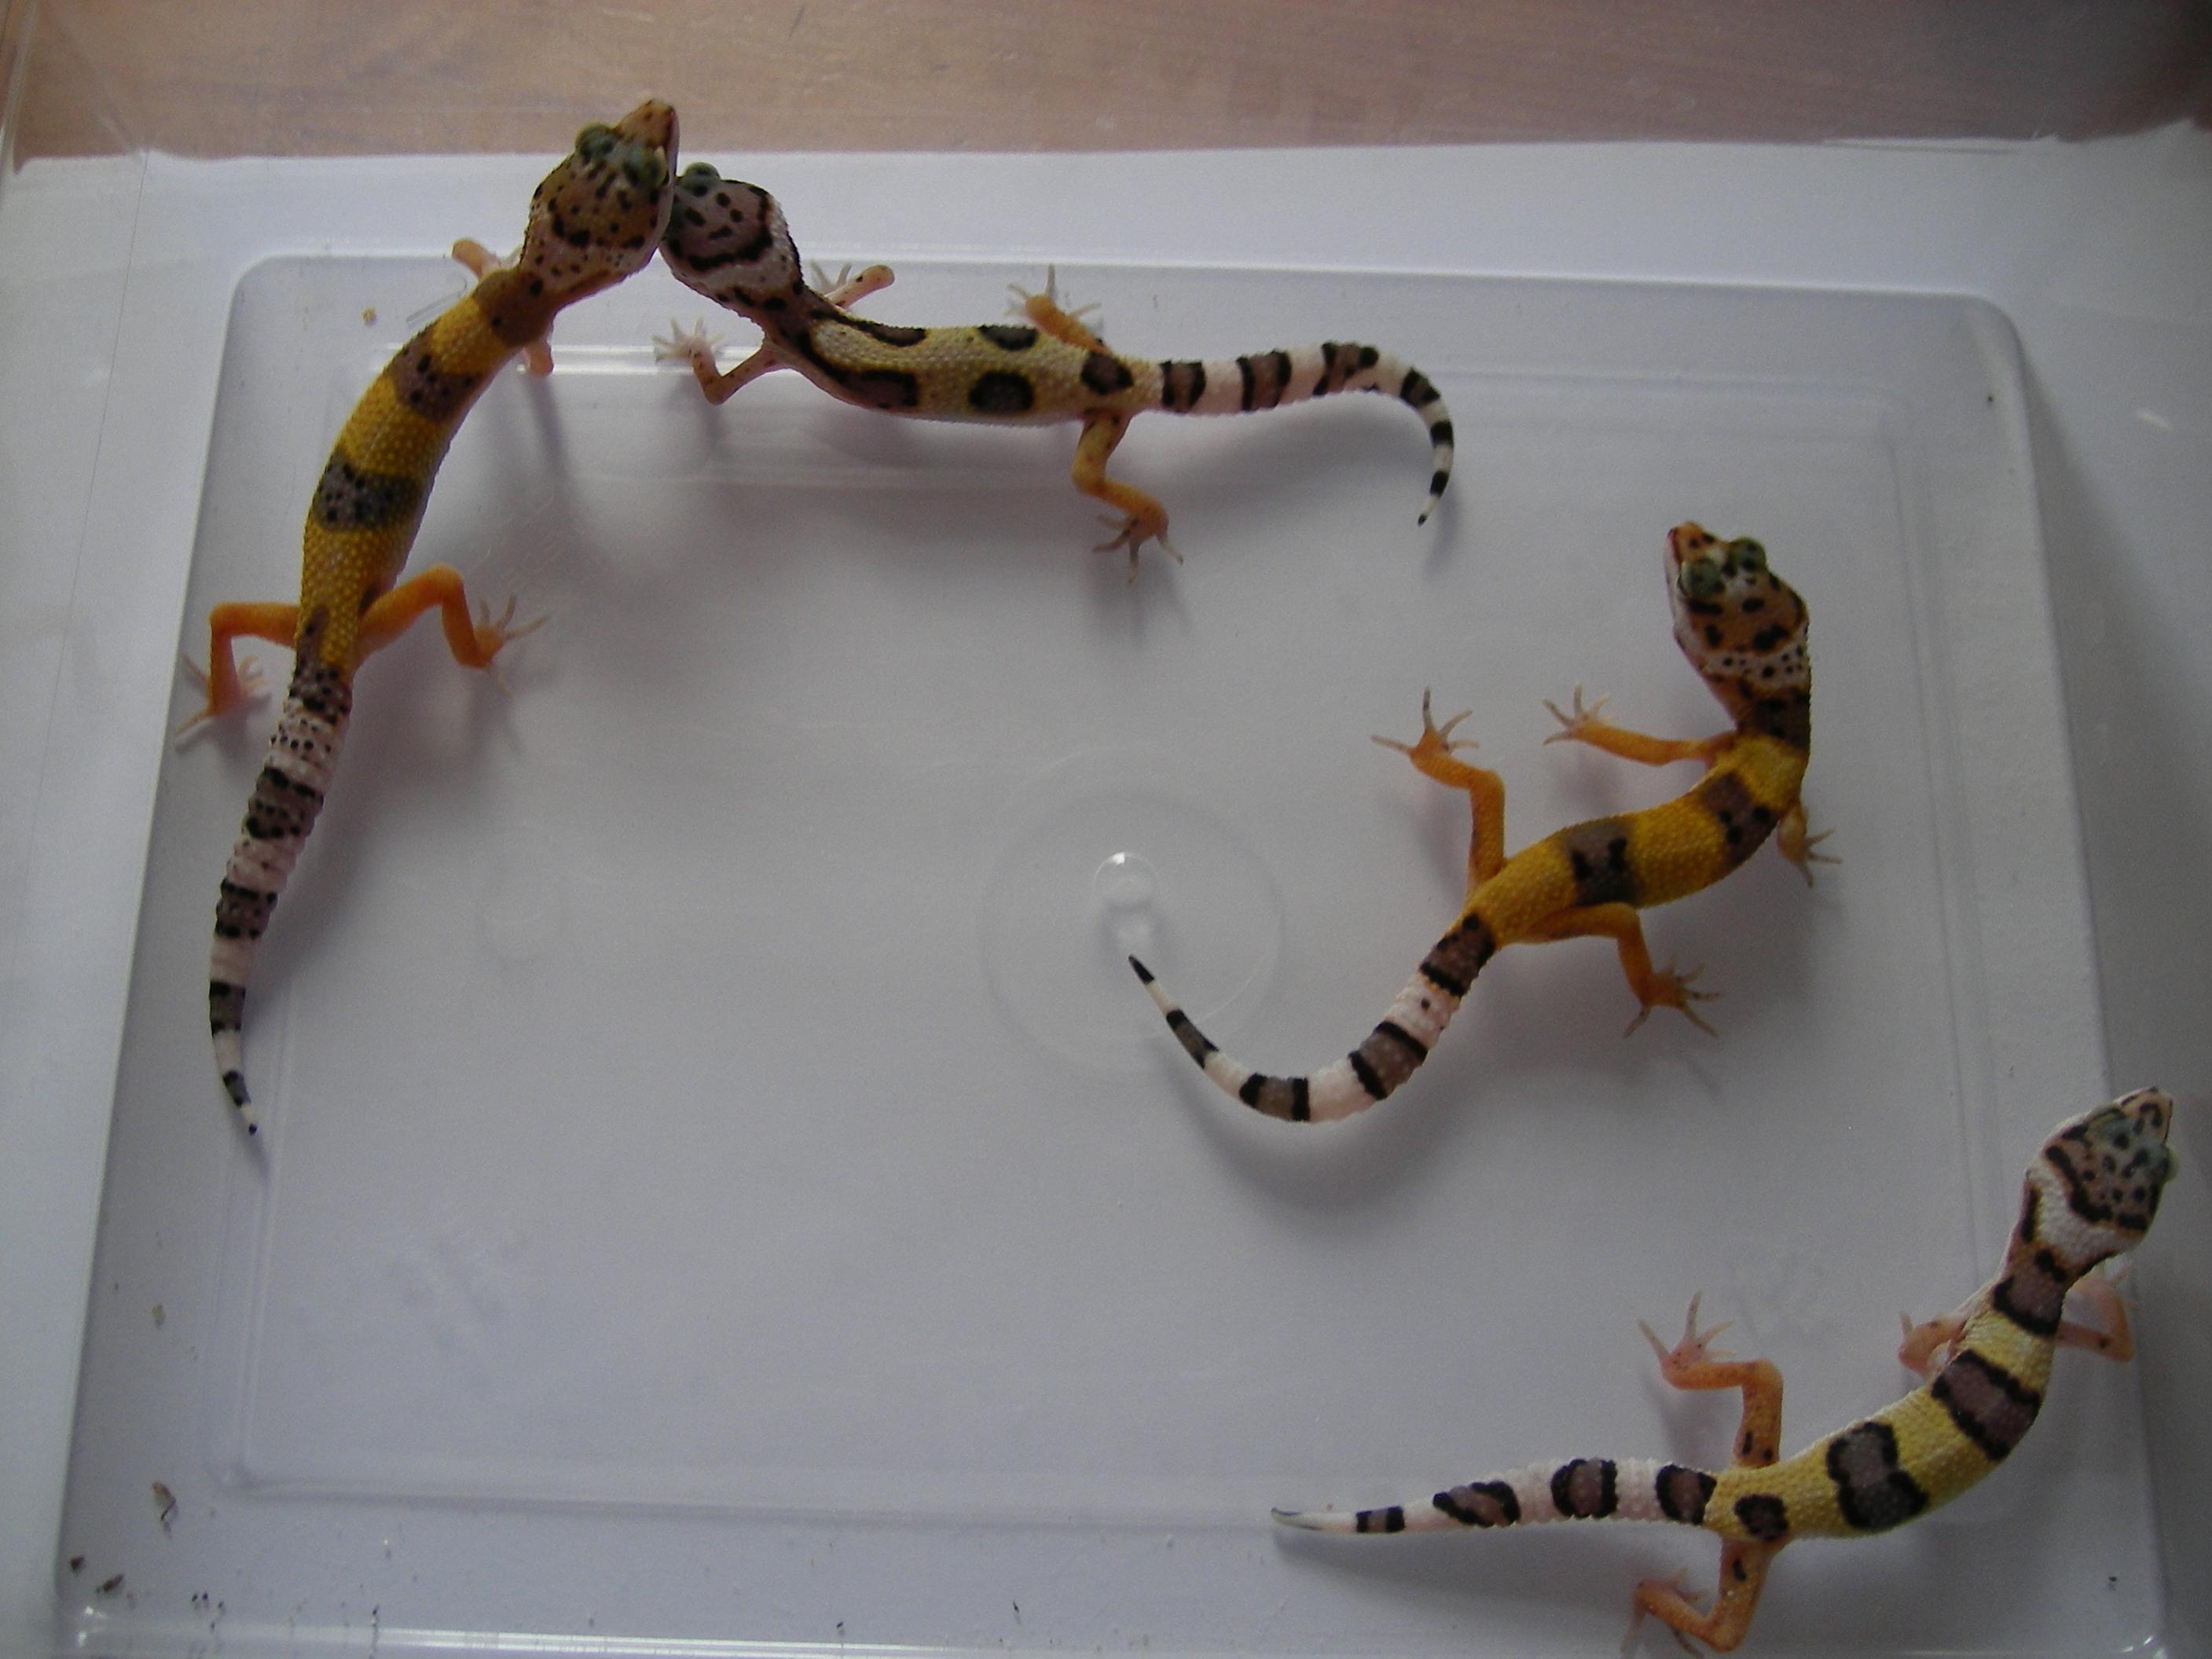 NE England Baby Leopard Geckos for sale - Reptile ForumsLeopard Gecko Hatchling For Sale